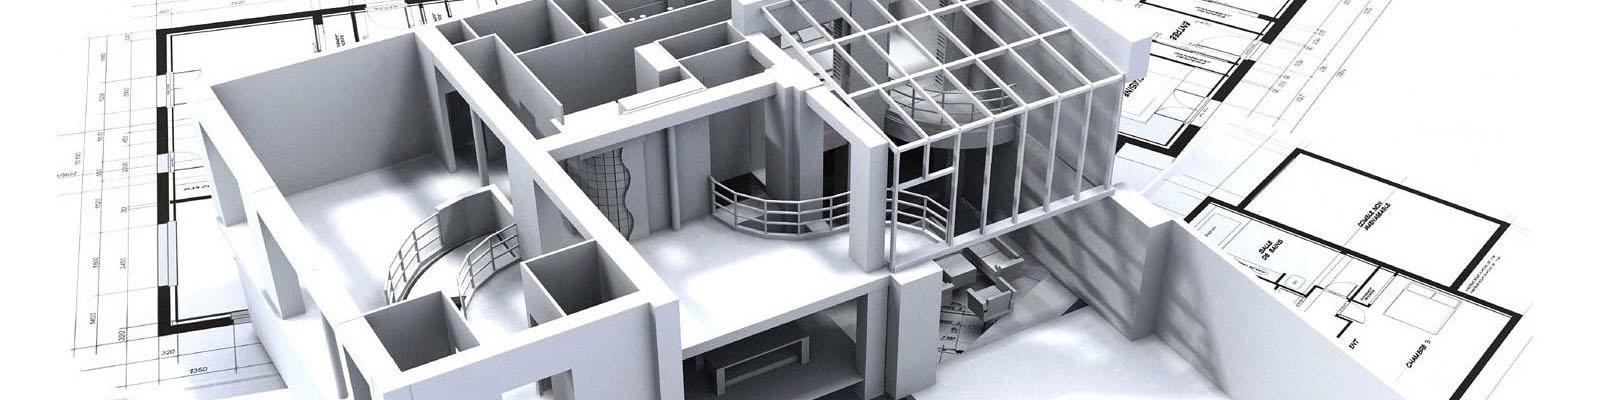 3D Architectural Designs